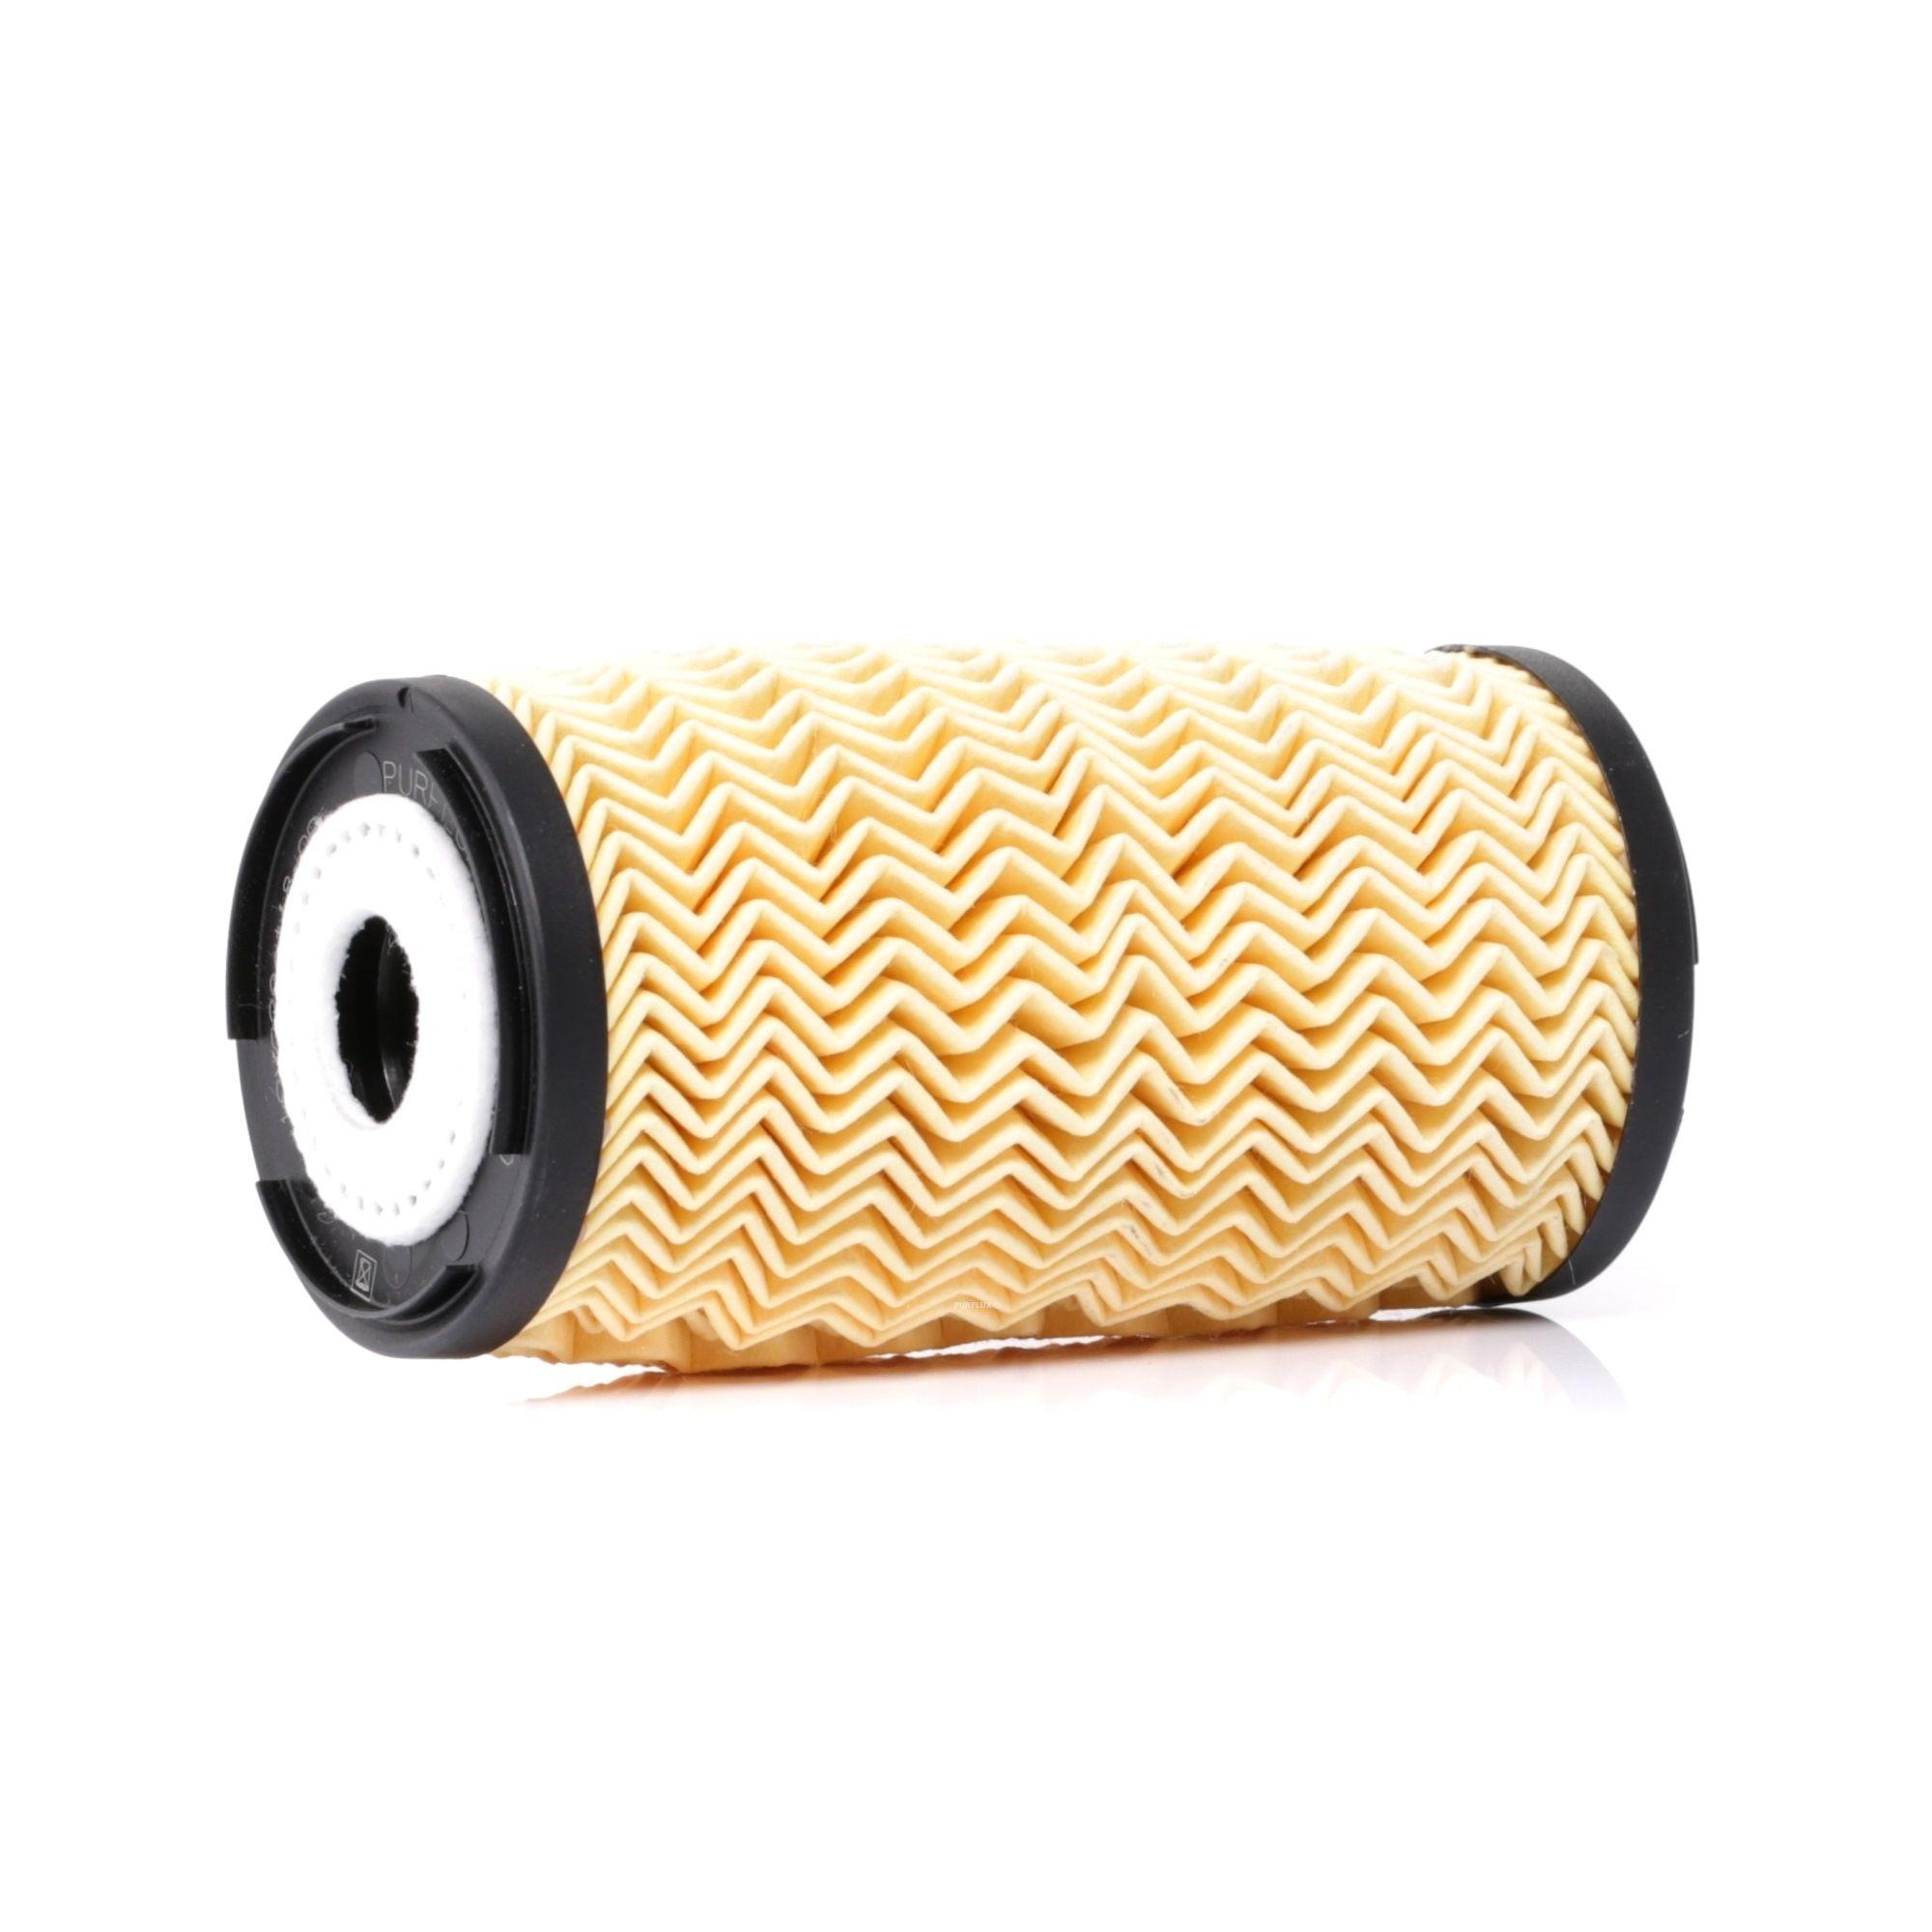 Pieces detachees RENAULT SCÉNIC 2013 : Filtre à huile PURFLUX L460 Diamètre intérieur: 28mm, Ø: 57mm, Hauteur: 116mm - Achetez tout de suite!